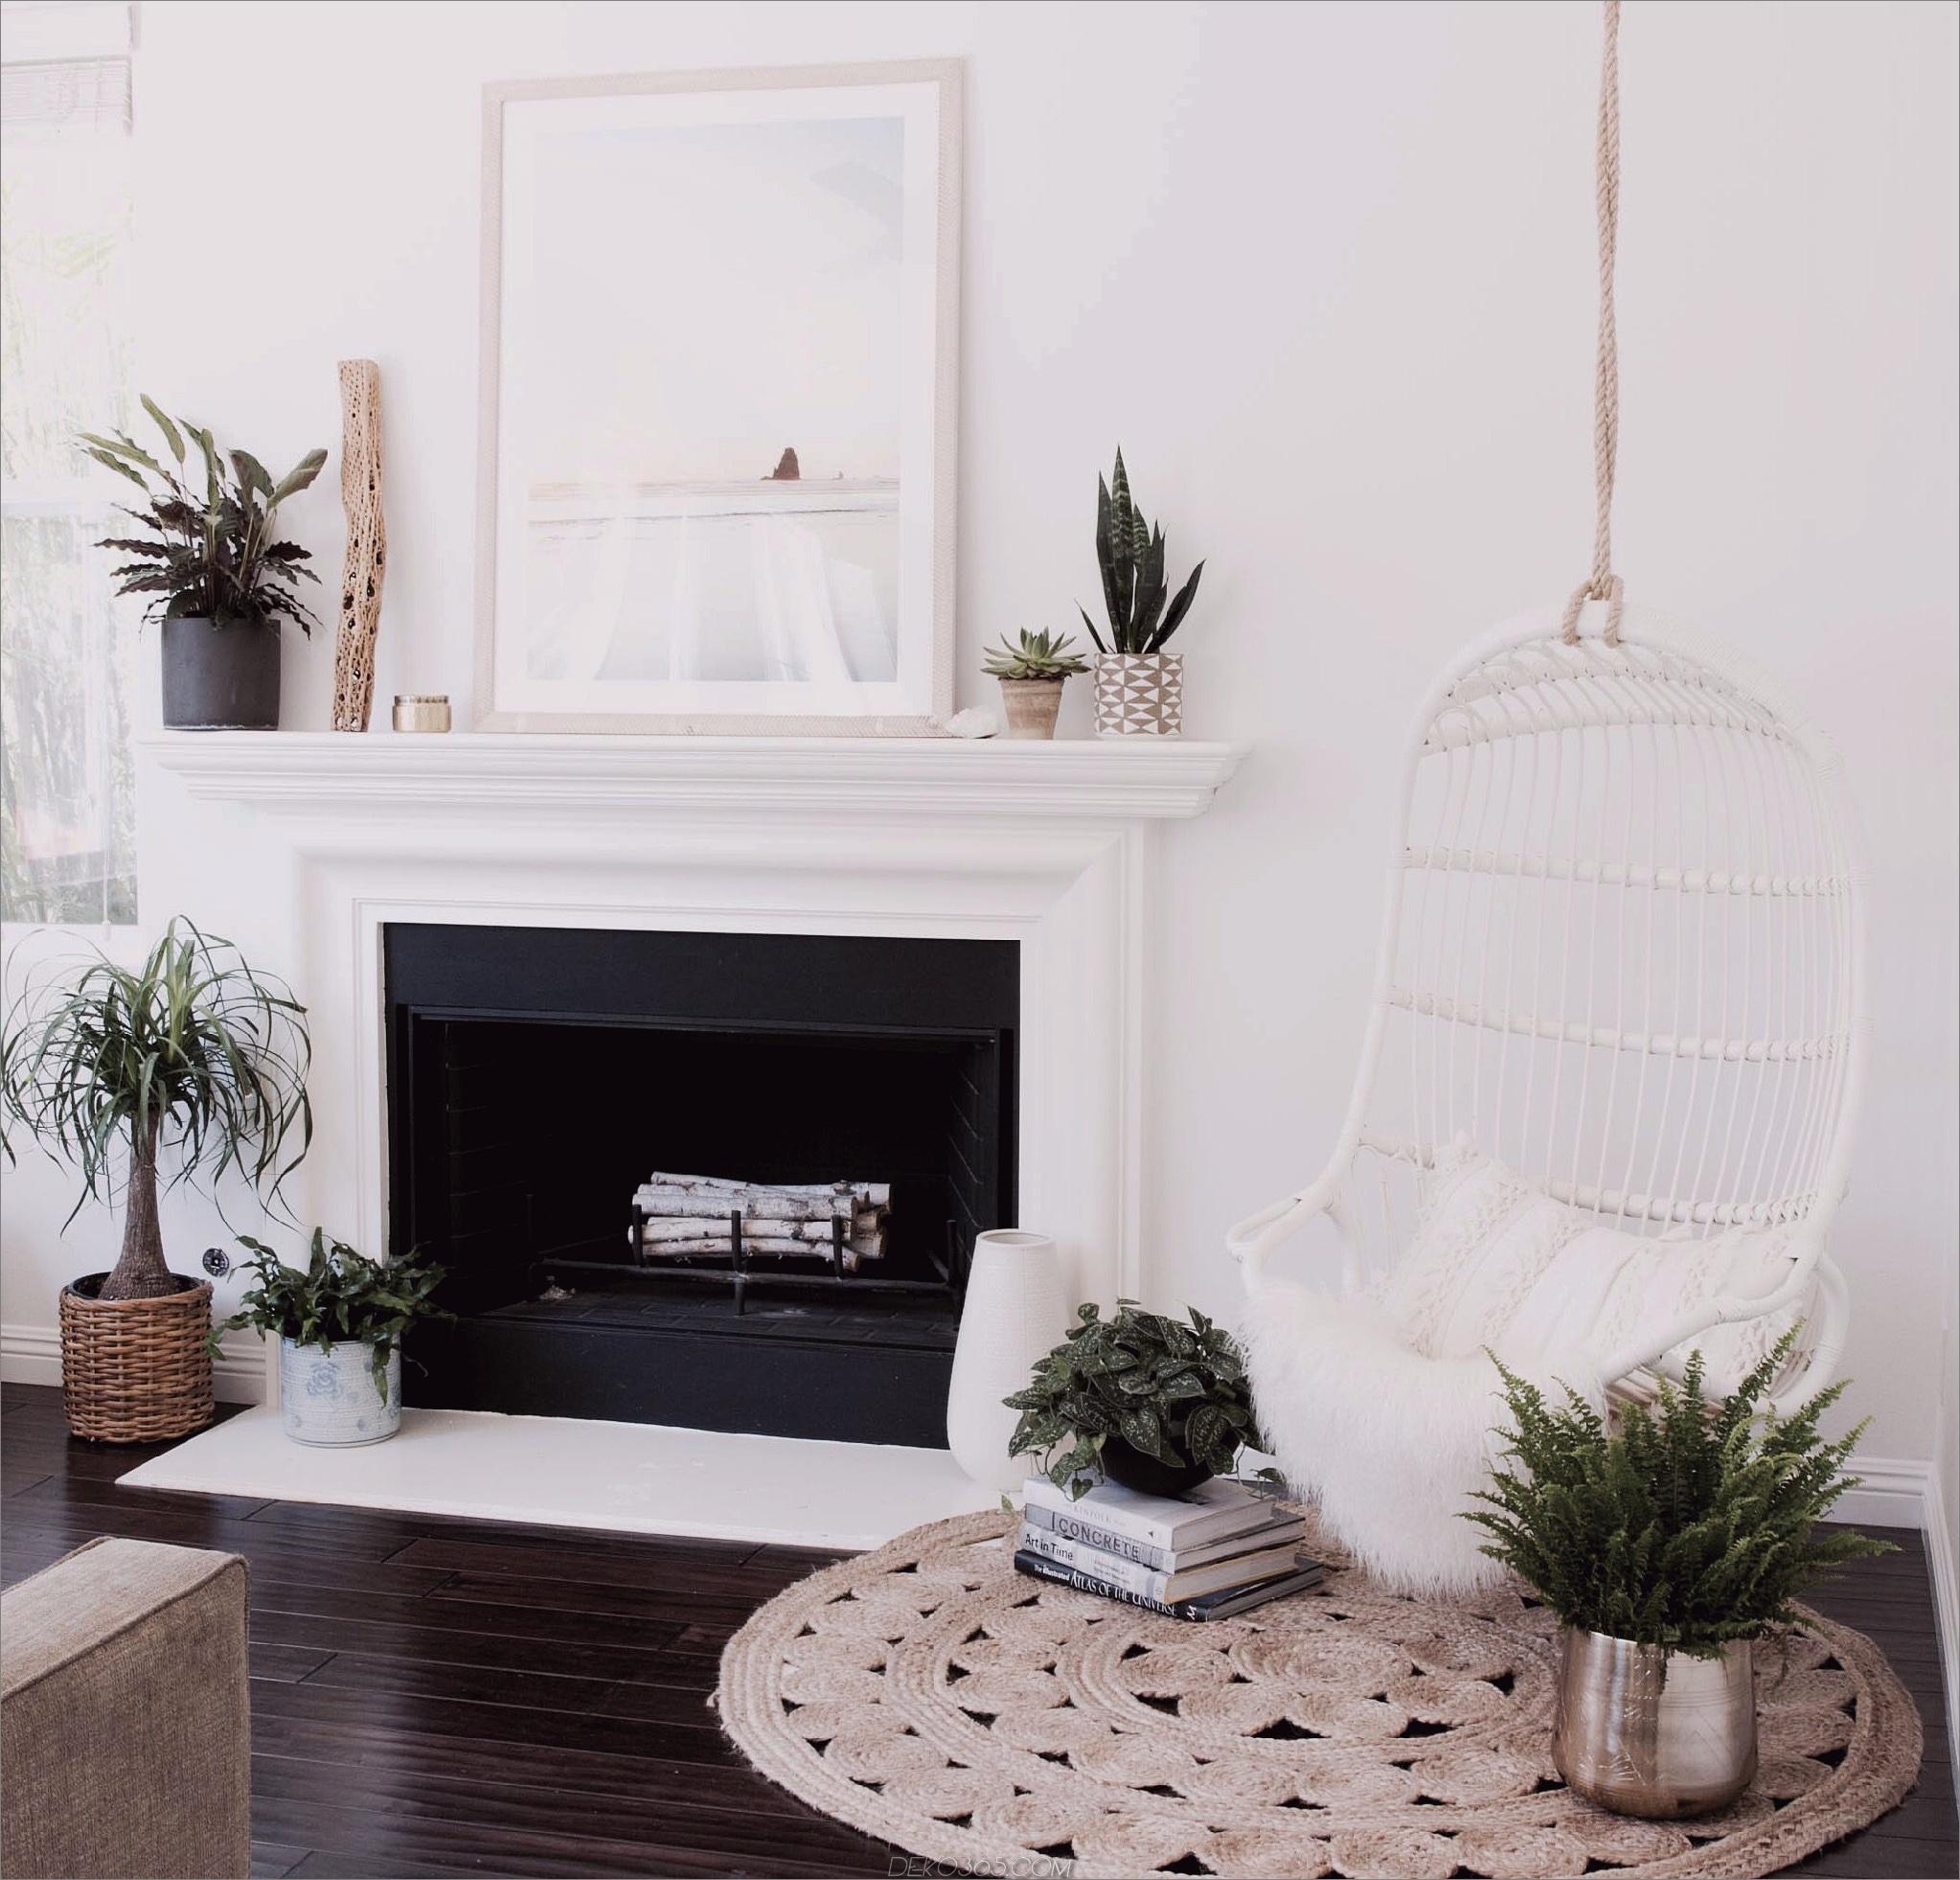 Hängemattenstuhl im Wohnzimmer Geheimnisse zur Maximierung Ihres kleinen Wohnbereichs